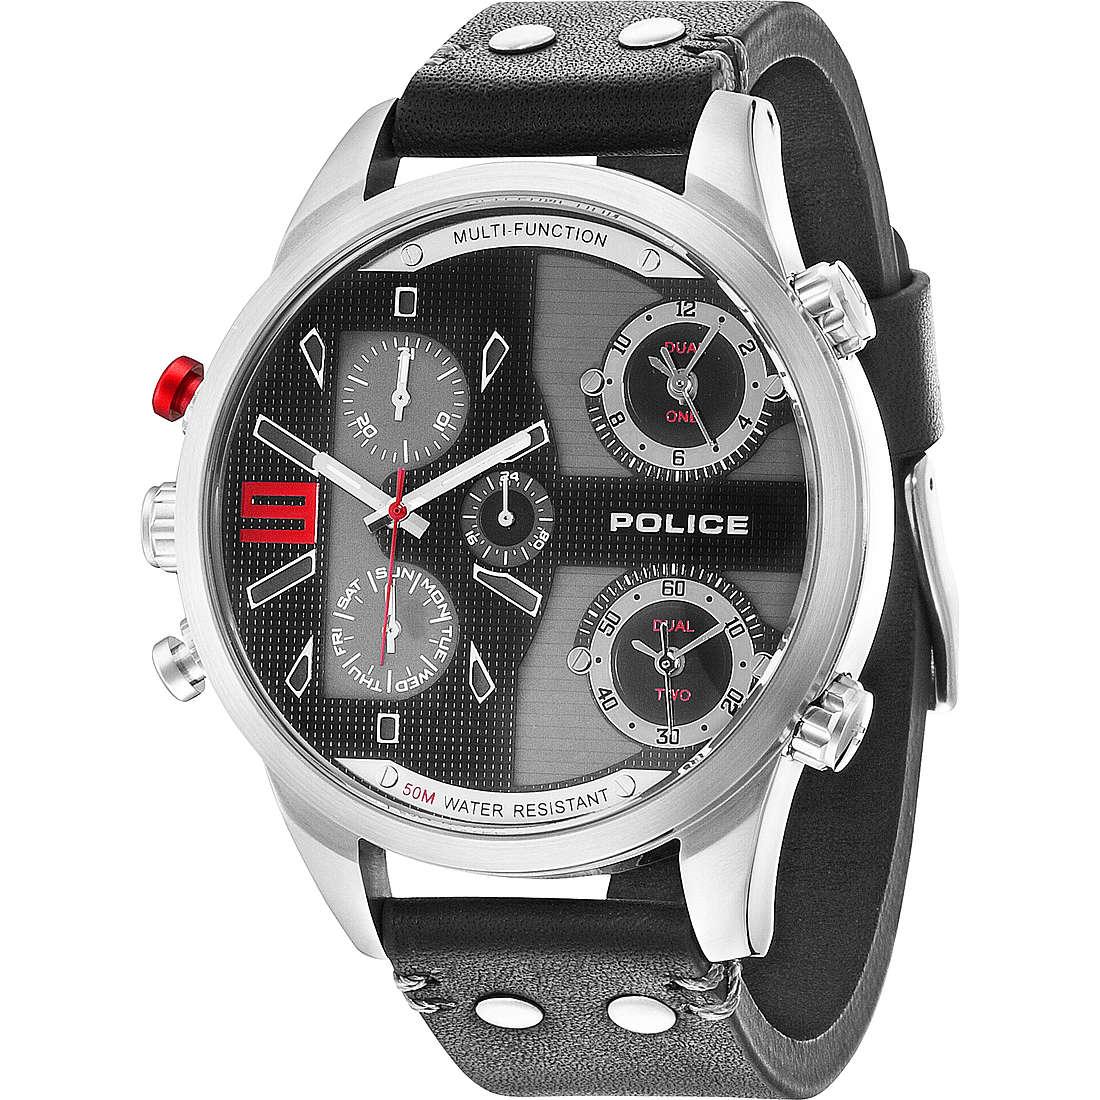 orologio multifunzione uomo Police Copperhead R1451240001